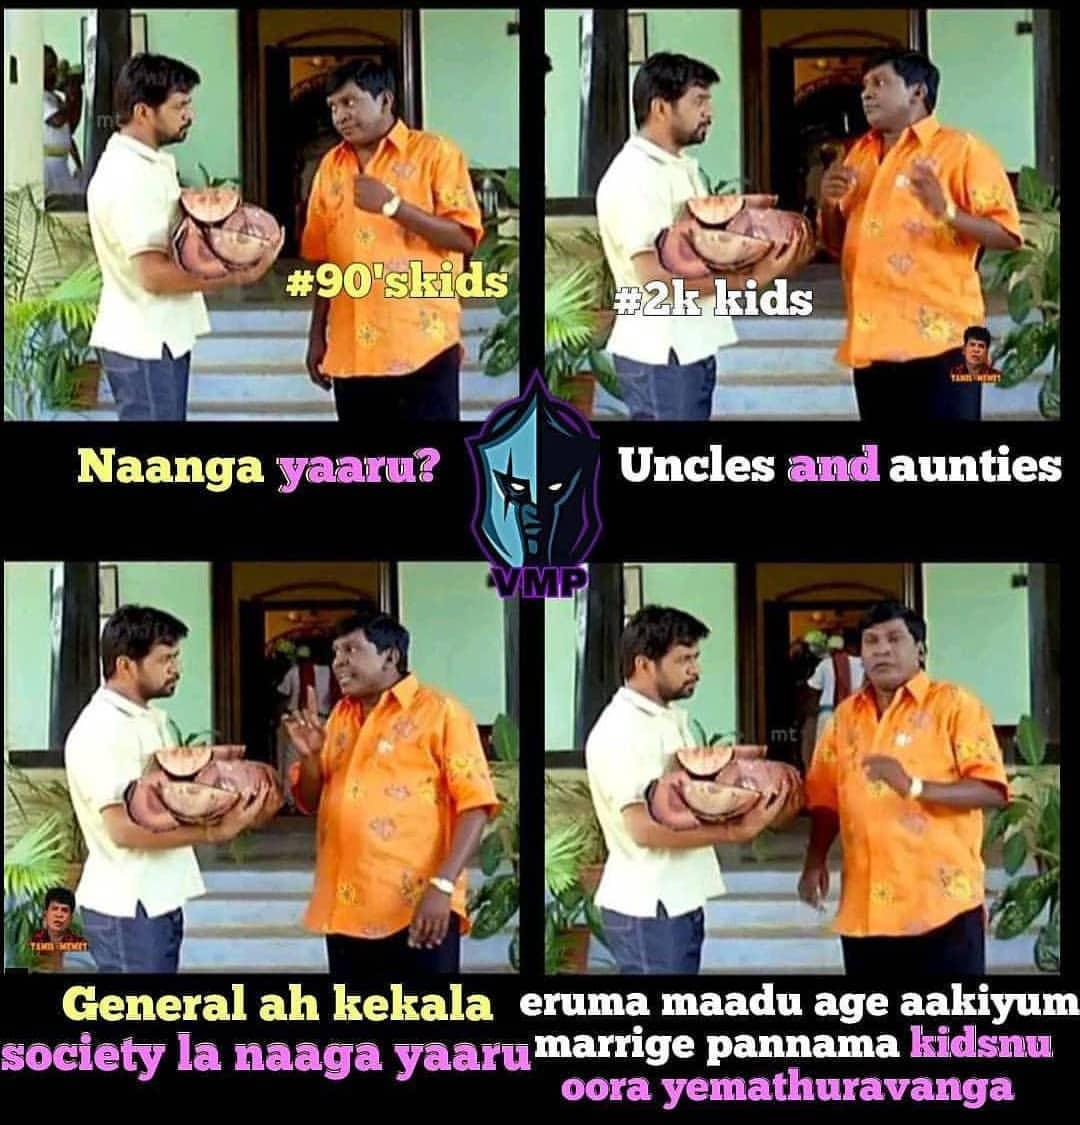 2k kids definition giving 90s kids be like meme - Tamil Memes